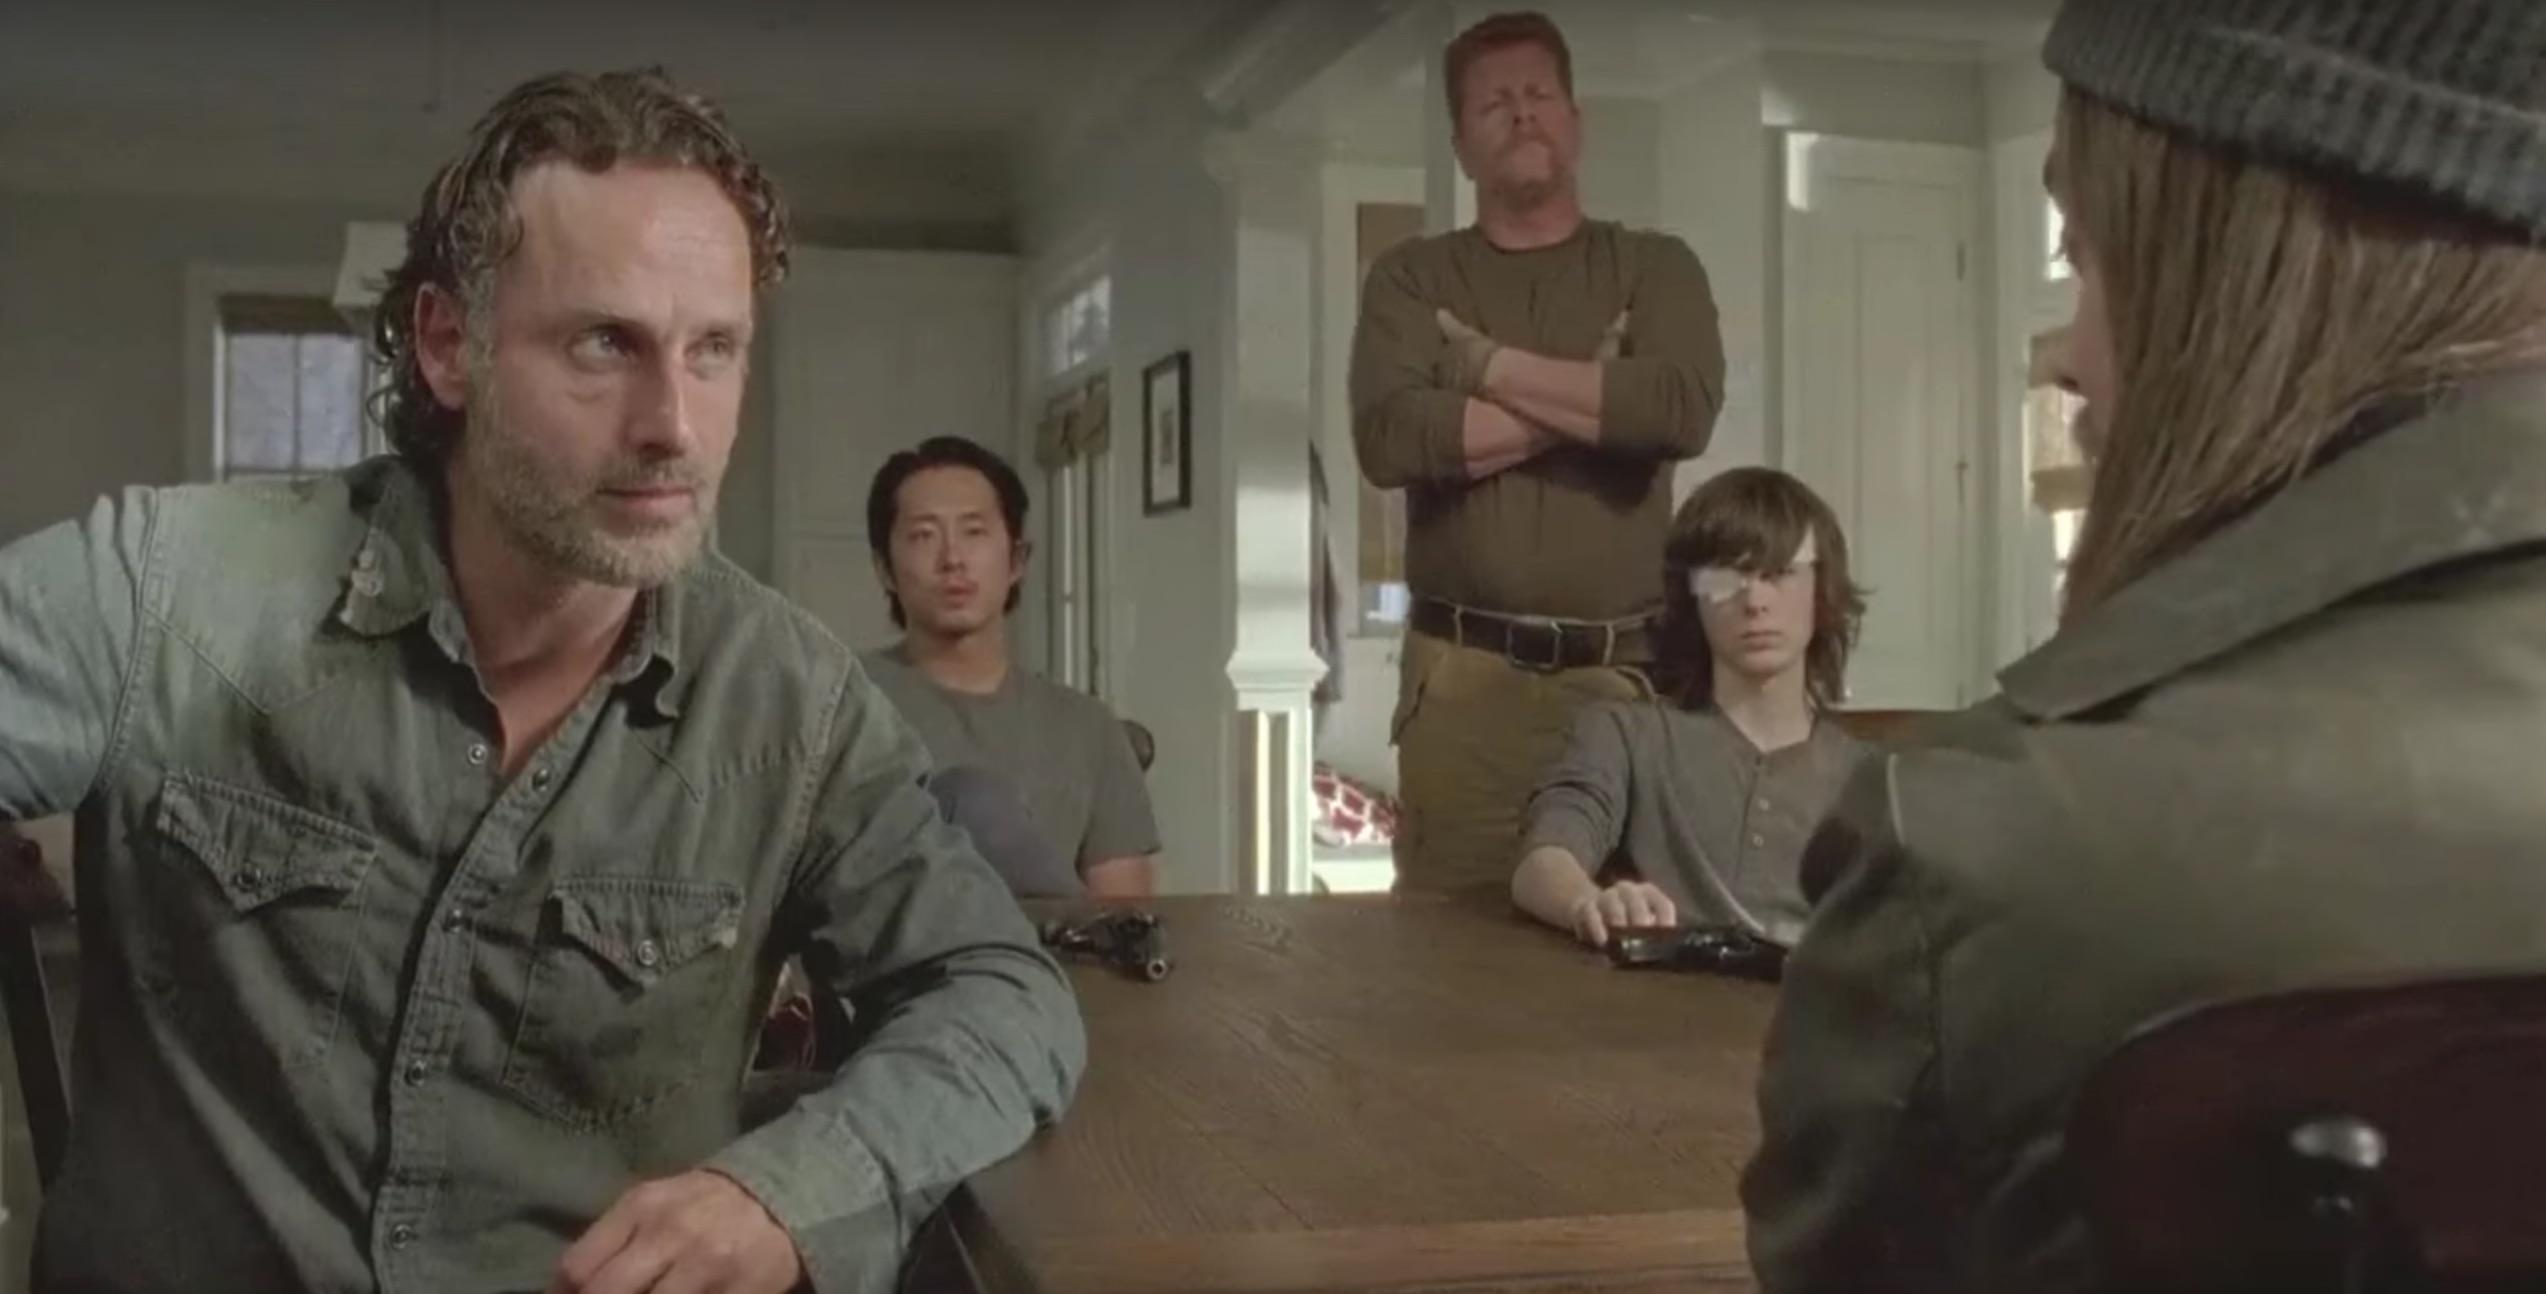 the-walking-dead-season-6-episode-11-promo-still.jpg